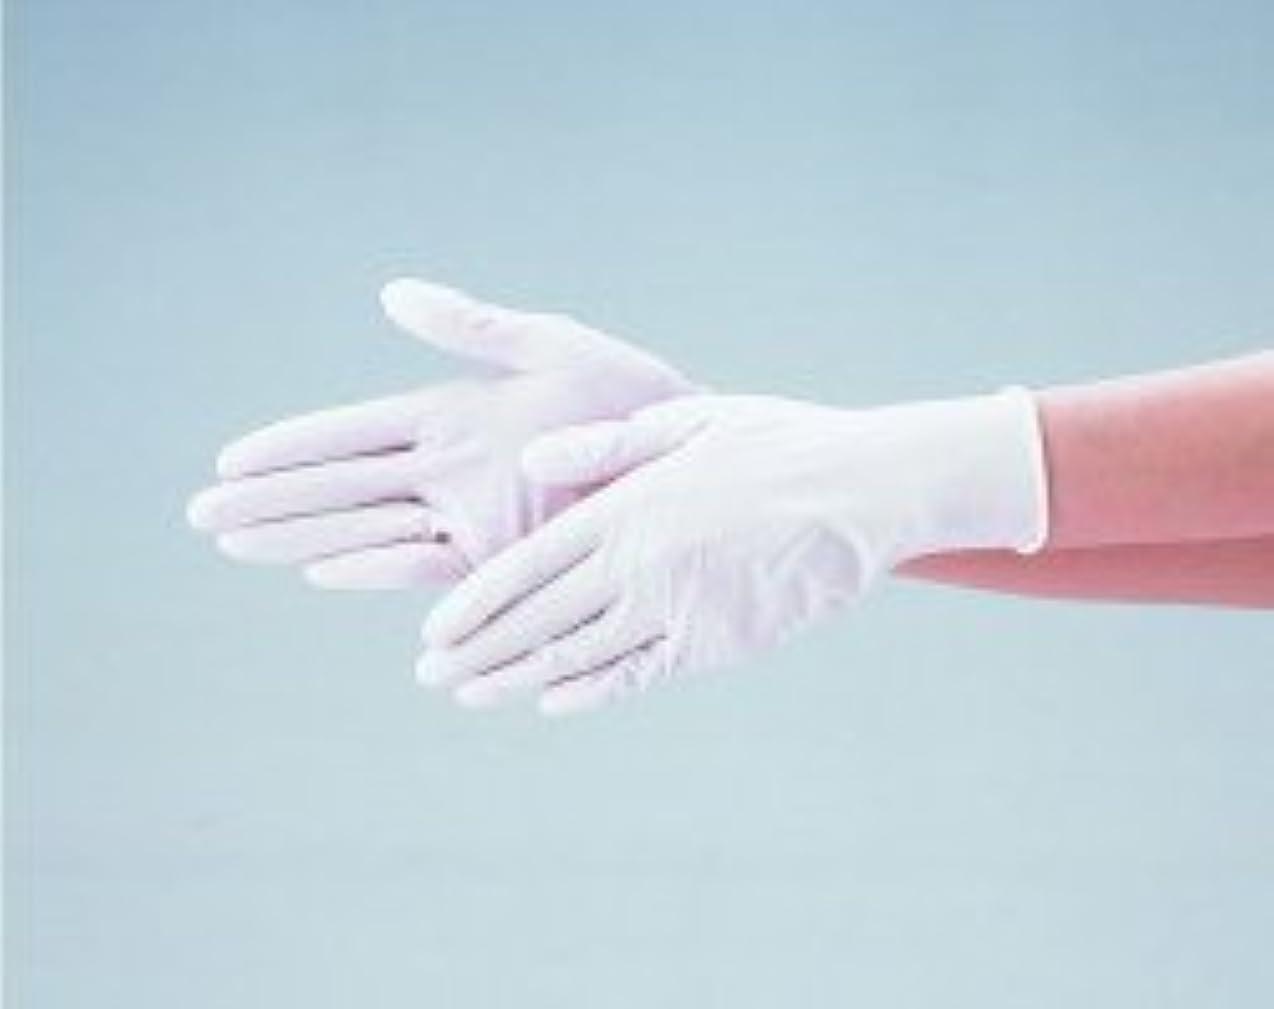 フライト店主モードエブノ ニトリル手袋 No.525 L 白 (100枚入×20箱) ディスポニトリル パウダーフリー ホワイト